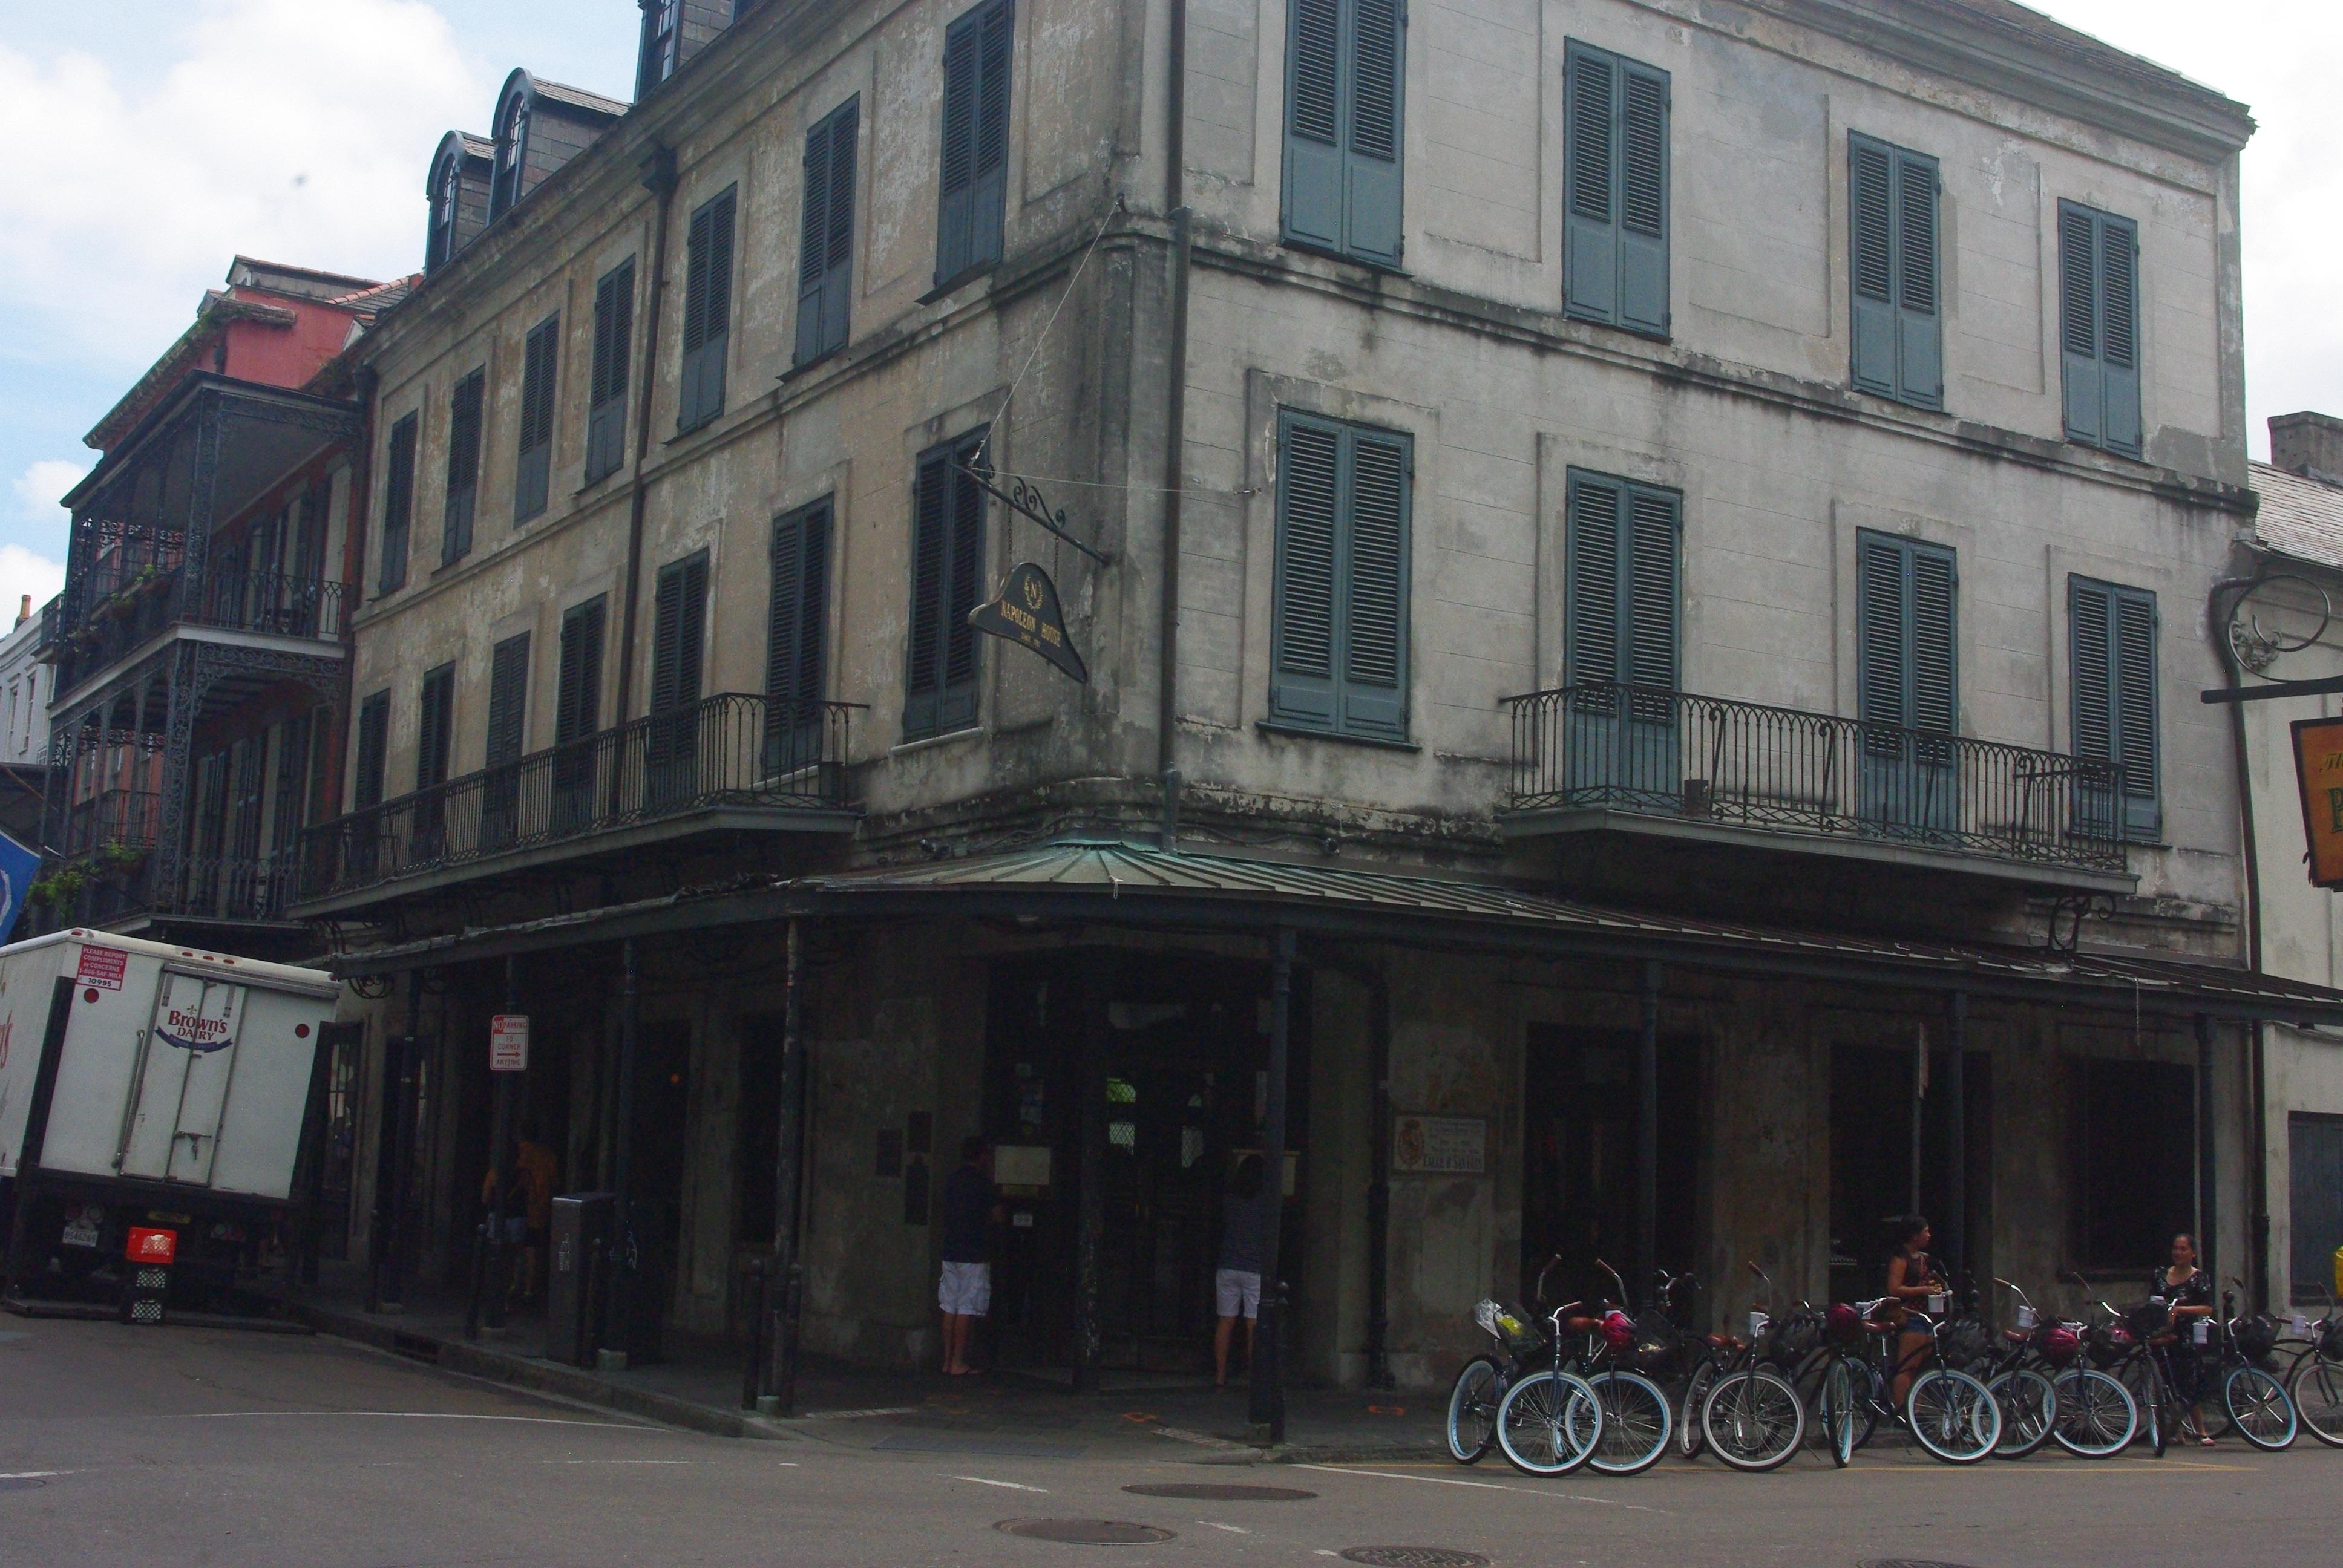 Cette maison avait été réservée par la ville pour Napoleon. Malheureusement il est resté à St Hélène et n'a pu en profiter